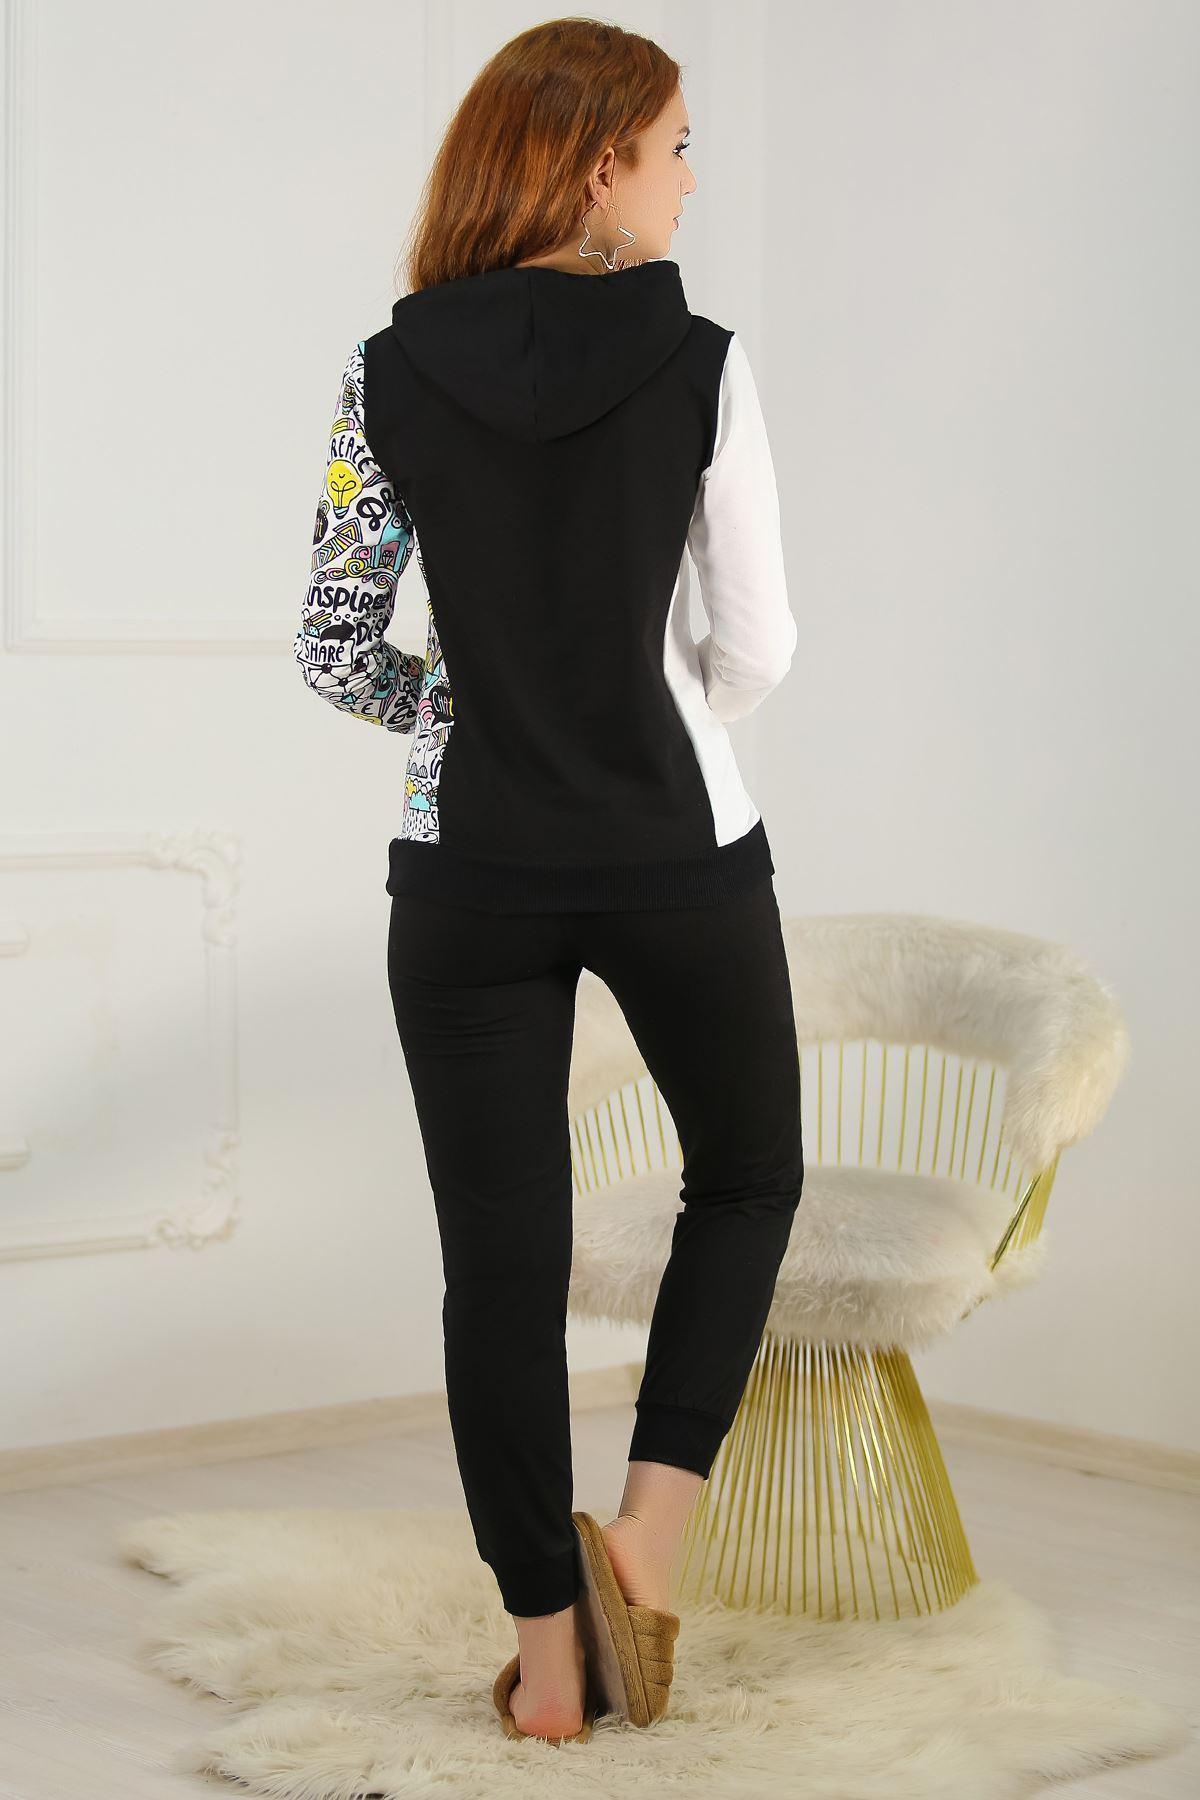 Kapşonlu Pijama Takımı Siyah - 4664.1059.